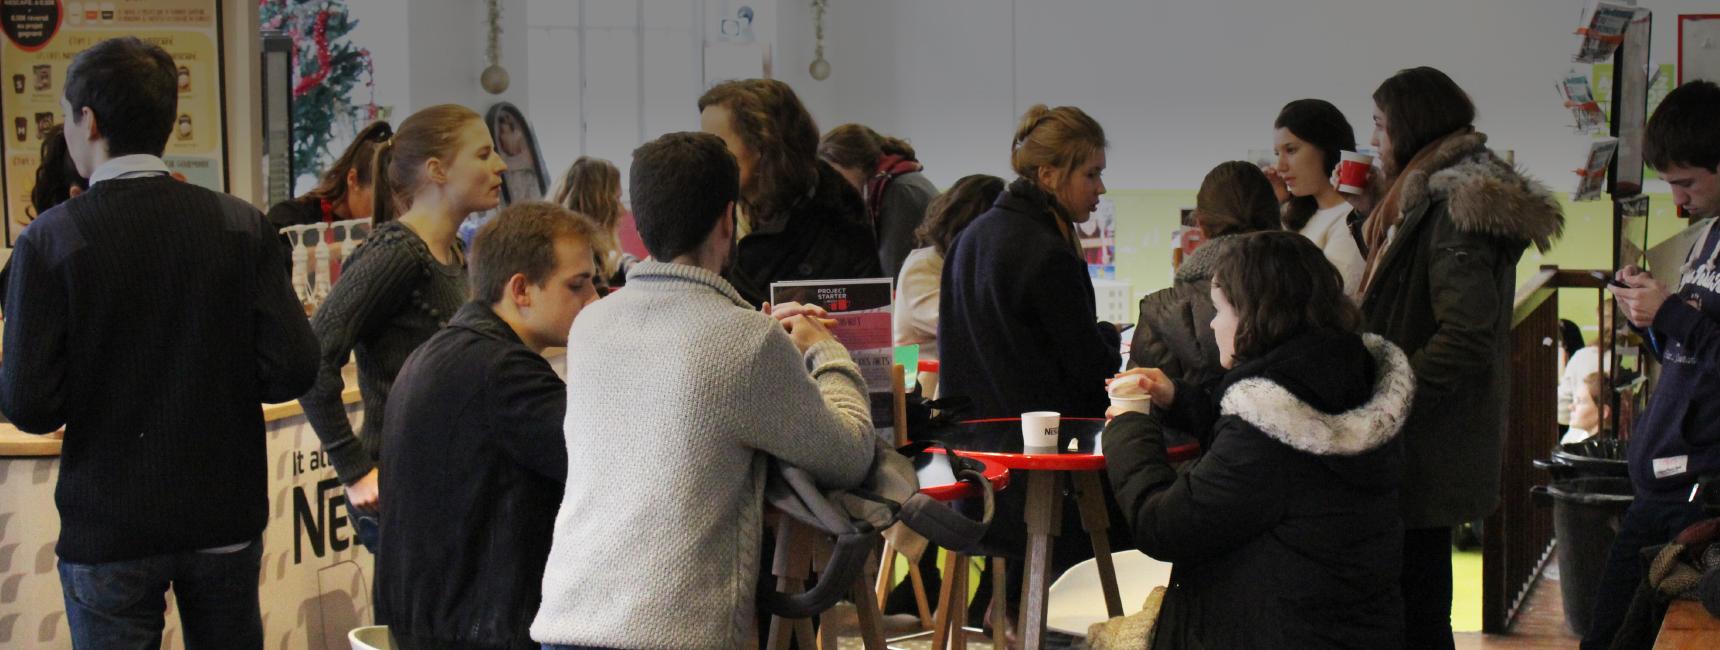 Nescafé - activation experientielle- Keemia Campus Agence marketing experientiel